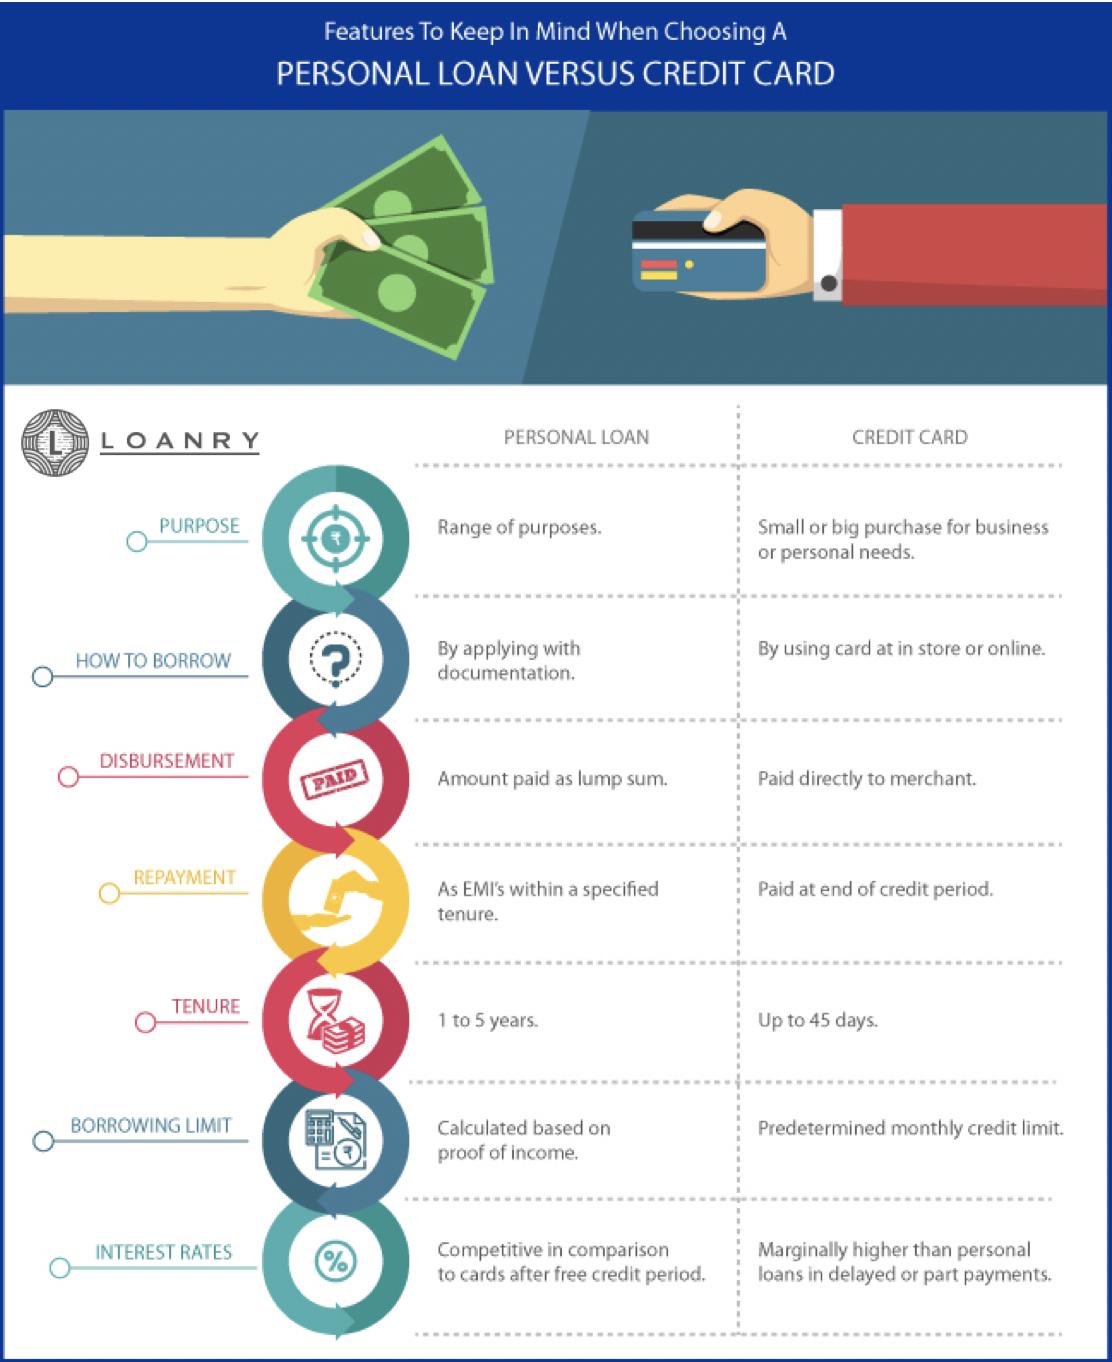 Personal Loans versus Credit Cards